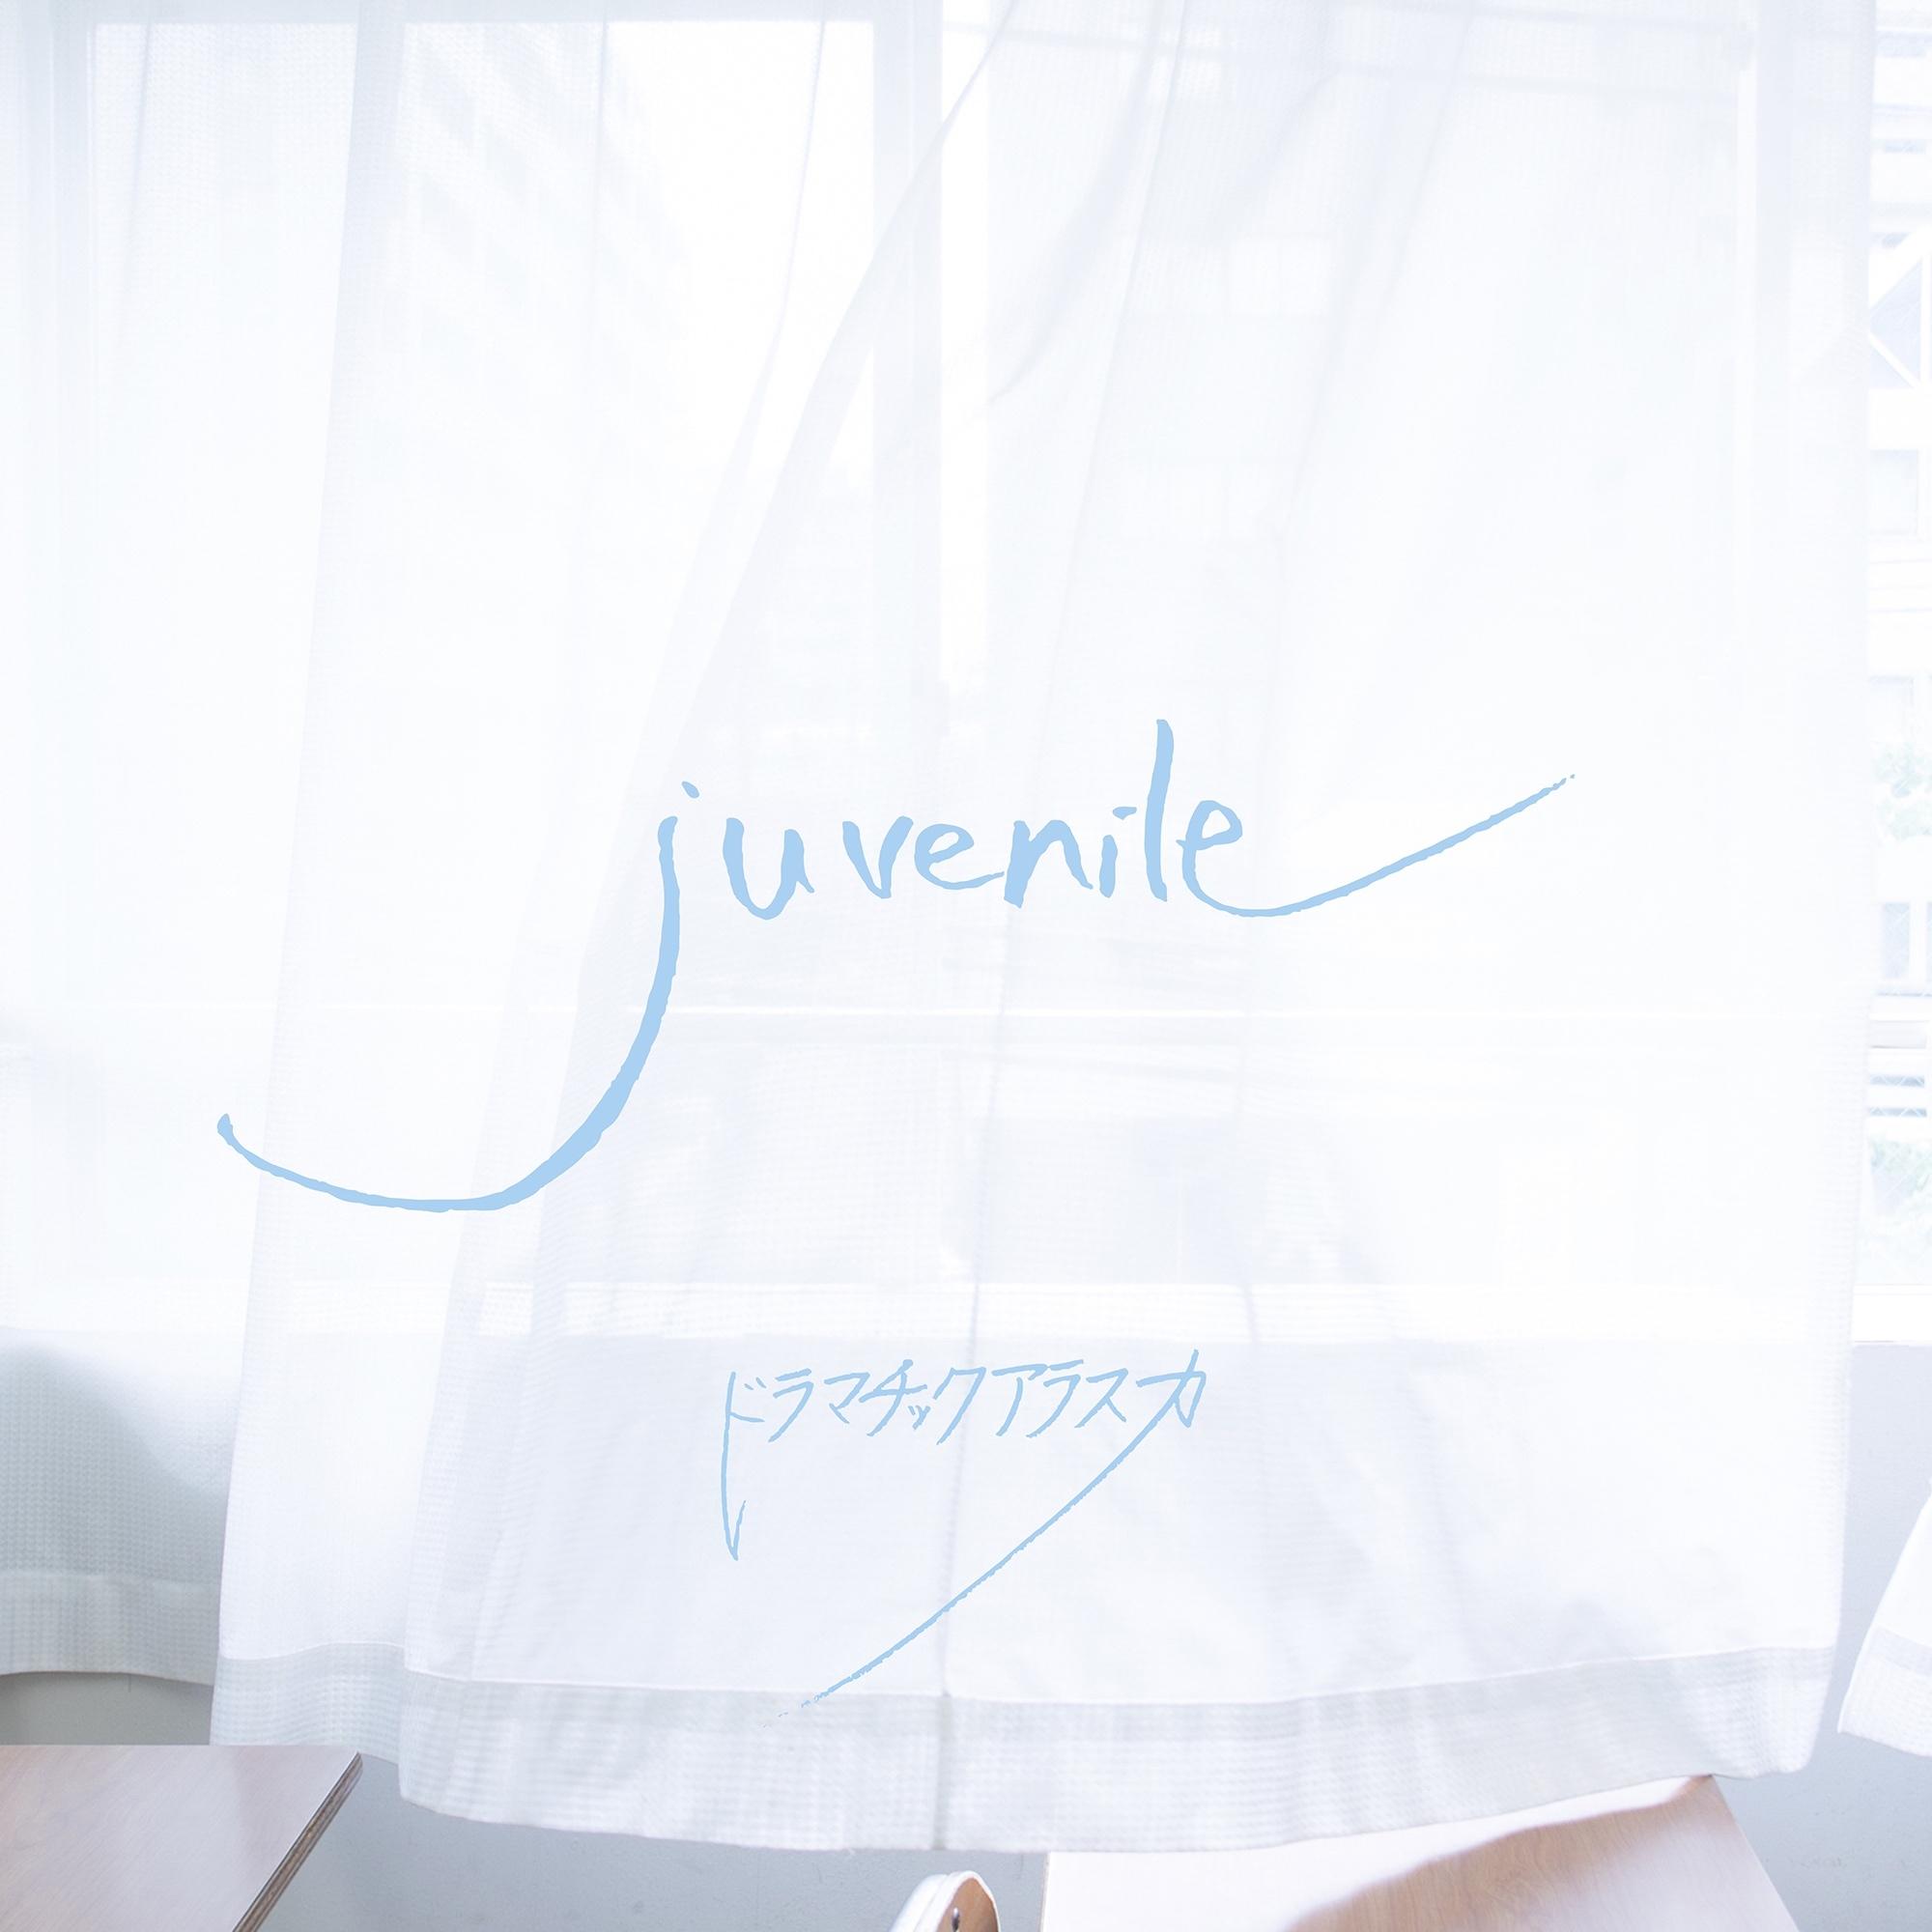 Juvenile_jacket_%e3%81%ae%e3%82%b3%e3%83%92%e3%82%9a%e3%83%bc